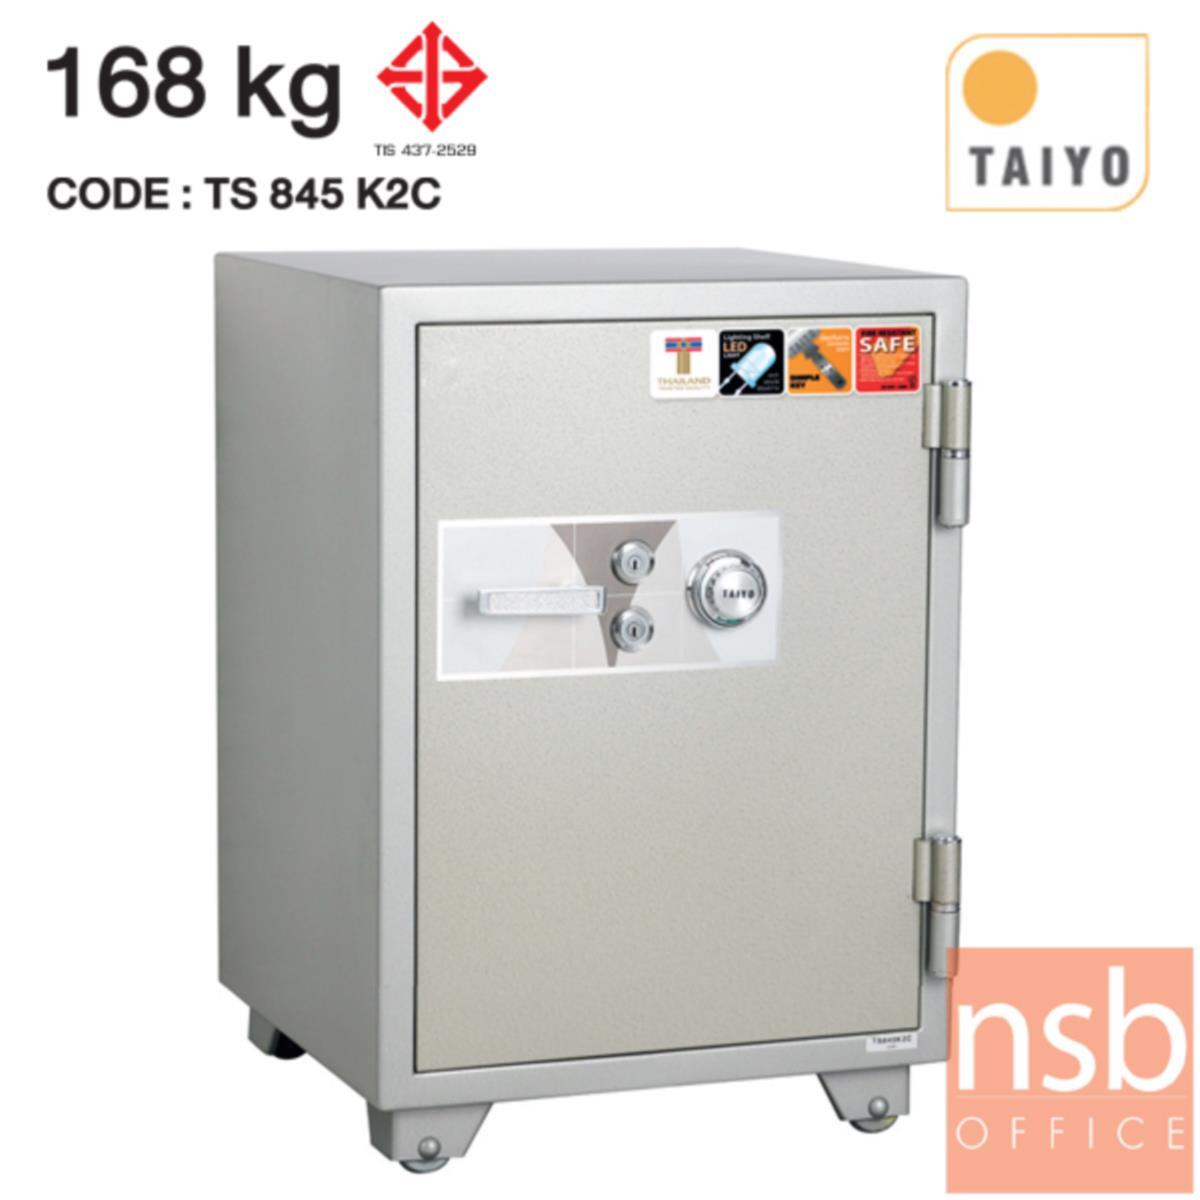 F01A010: ตู้เซฟ TAIYO 168 กก. 2 กุญแจ 1 รหัส   (TS 845 K2C มอก.)